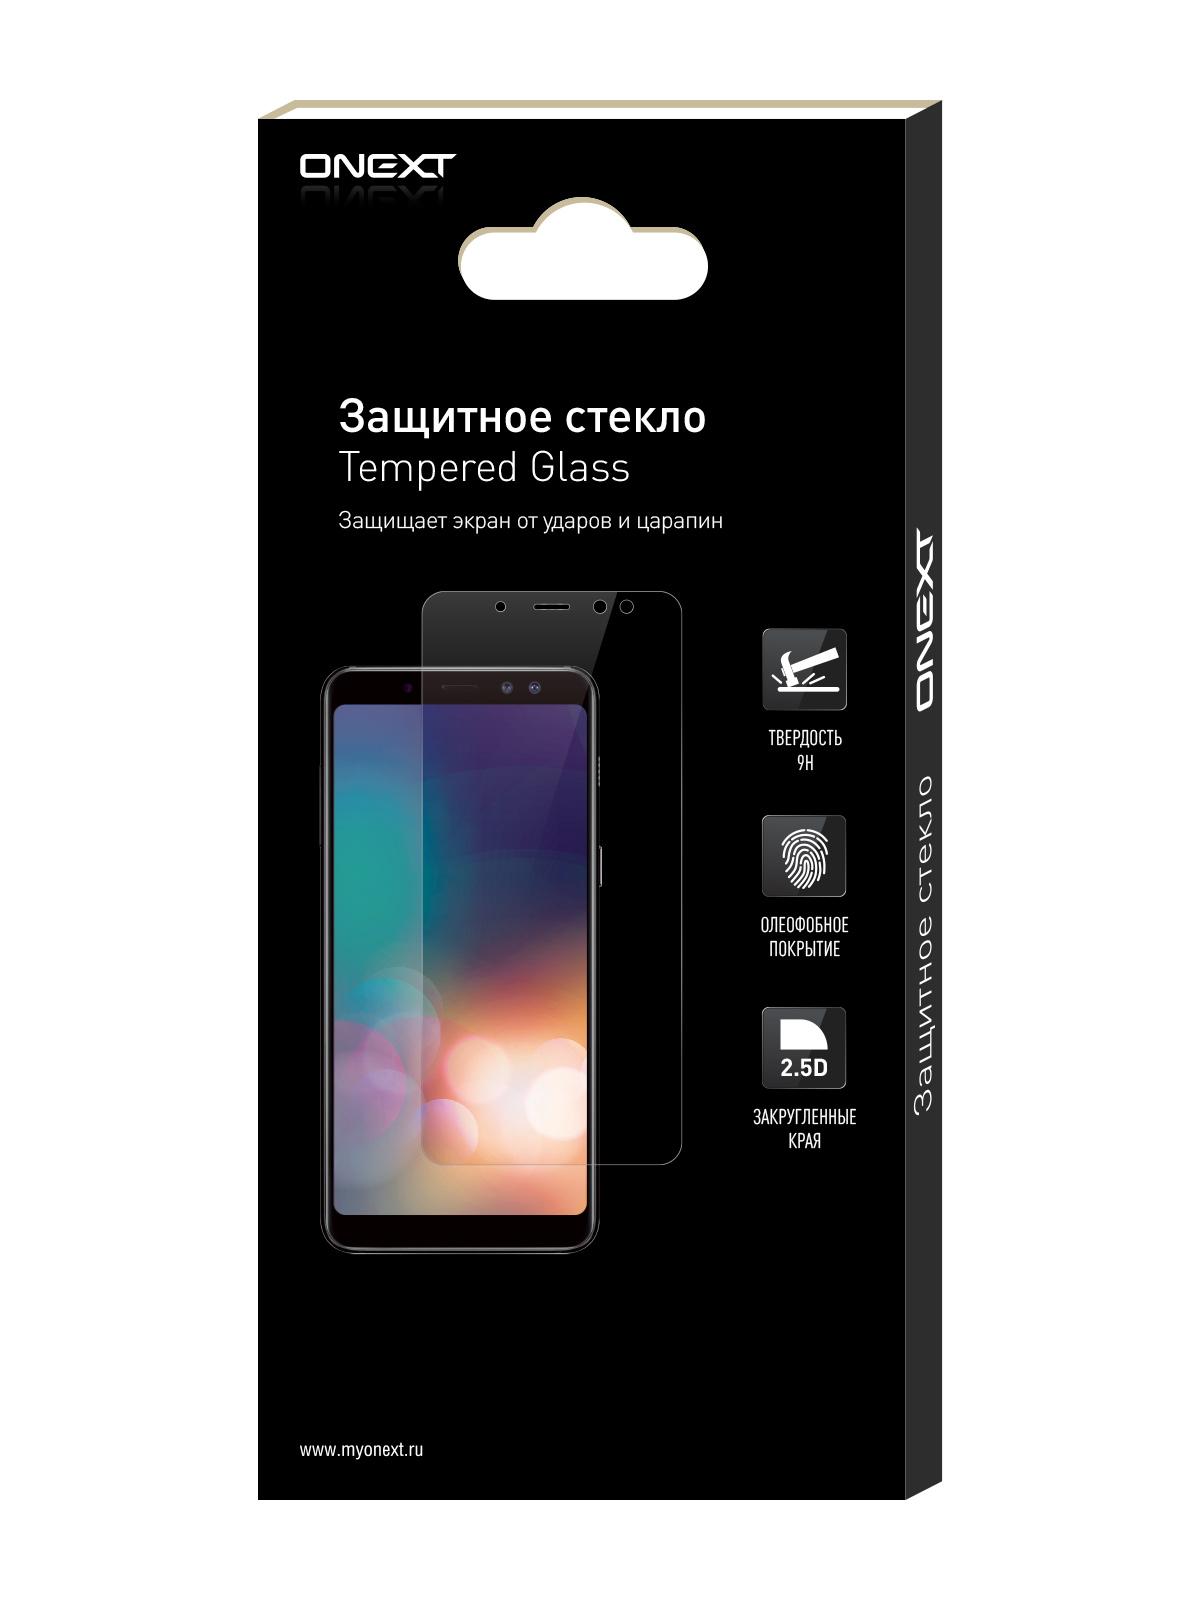 Защитное стекло ONEXT HTC One X10 аксессуар защитное стекло htc one x9 onext 41157